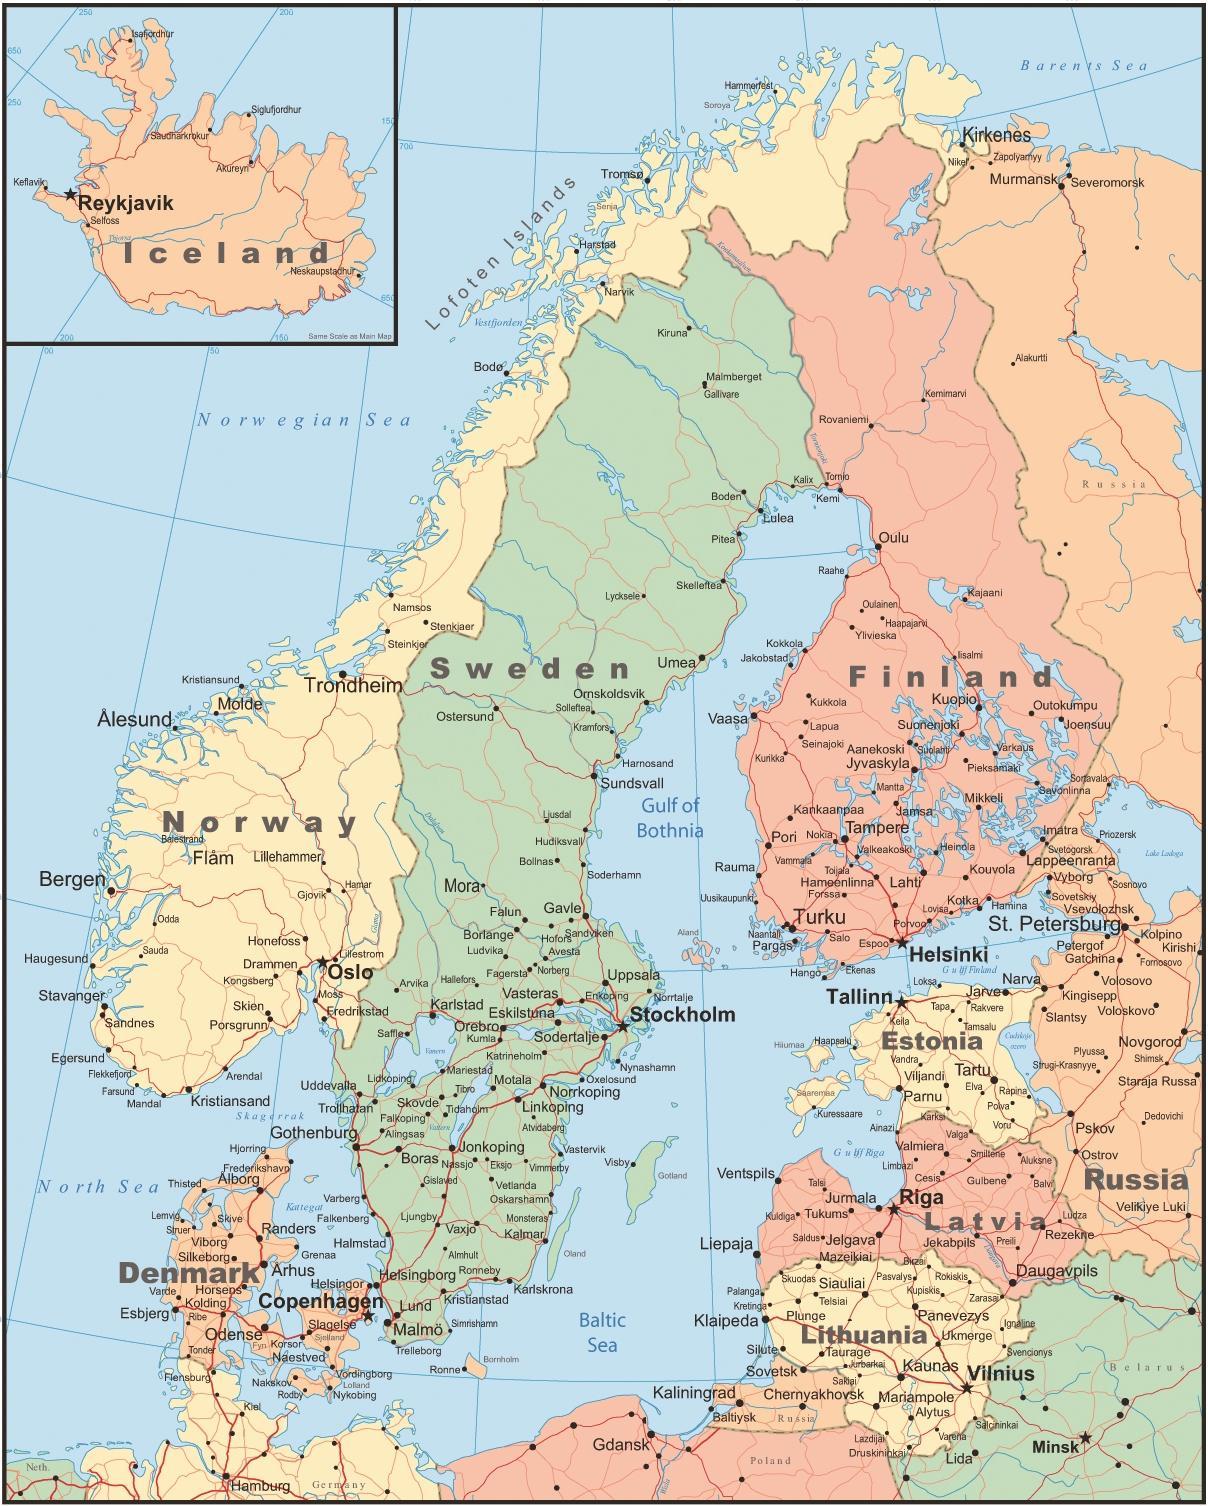 kart over arvika Kart over Finland og omkringliggende land   Kart over Finland og  kart over arvika